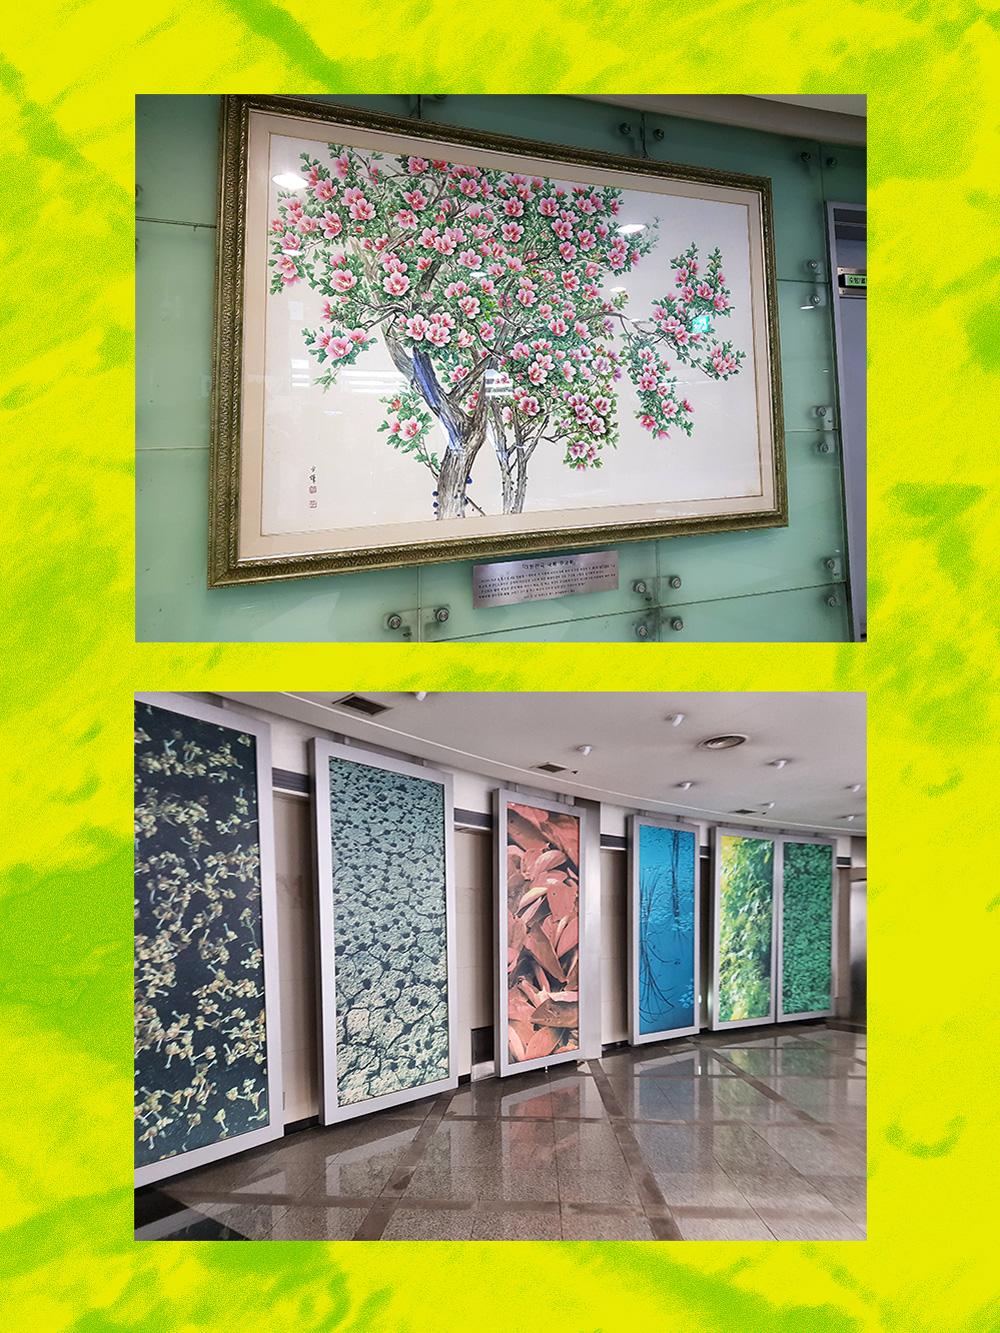 subway_art_noksapyeong4.jpg